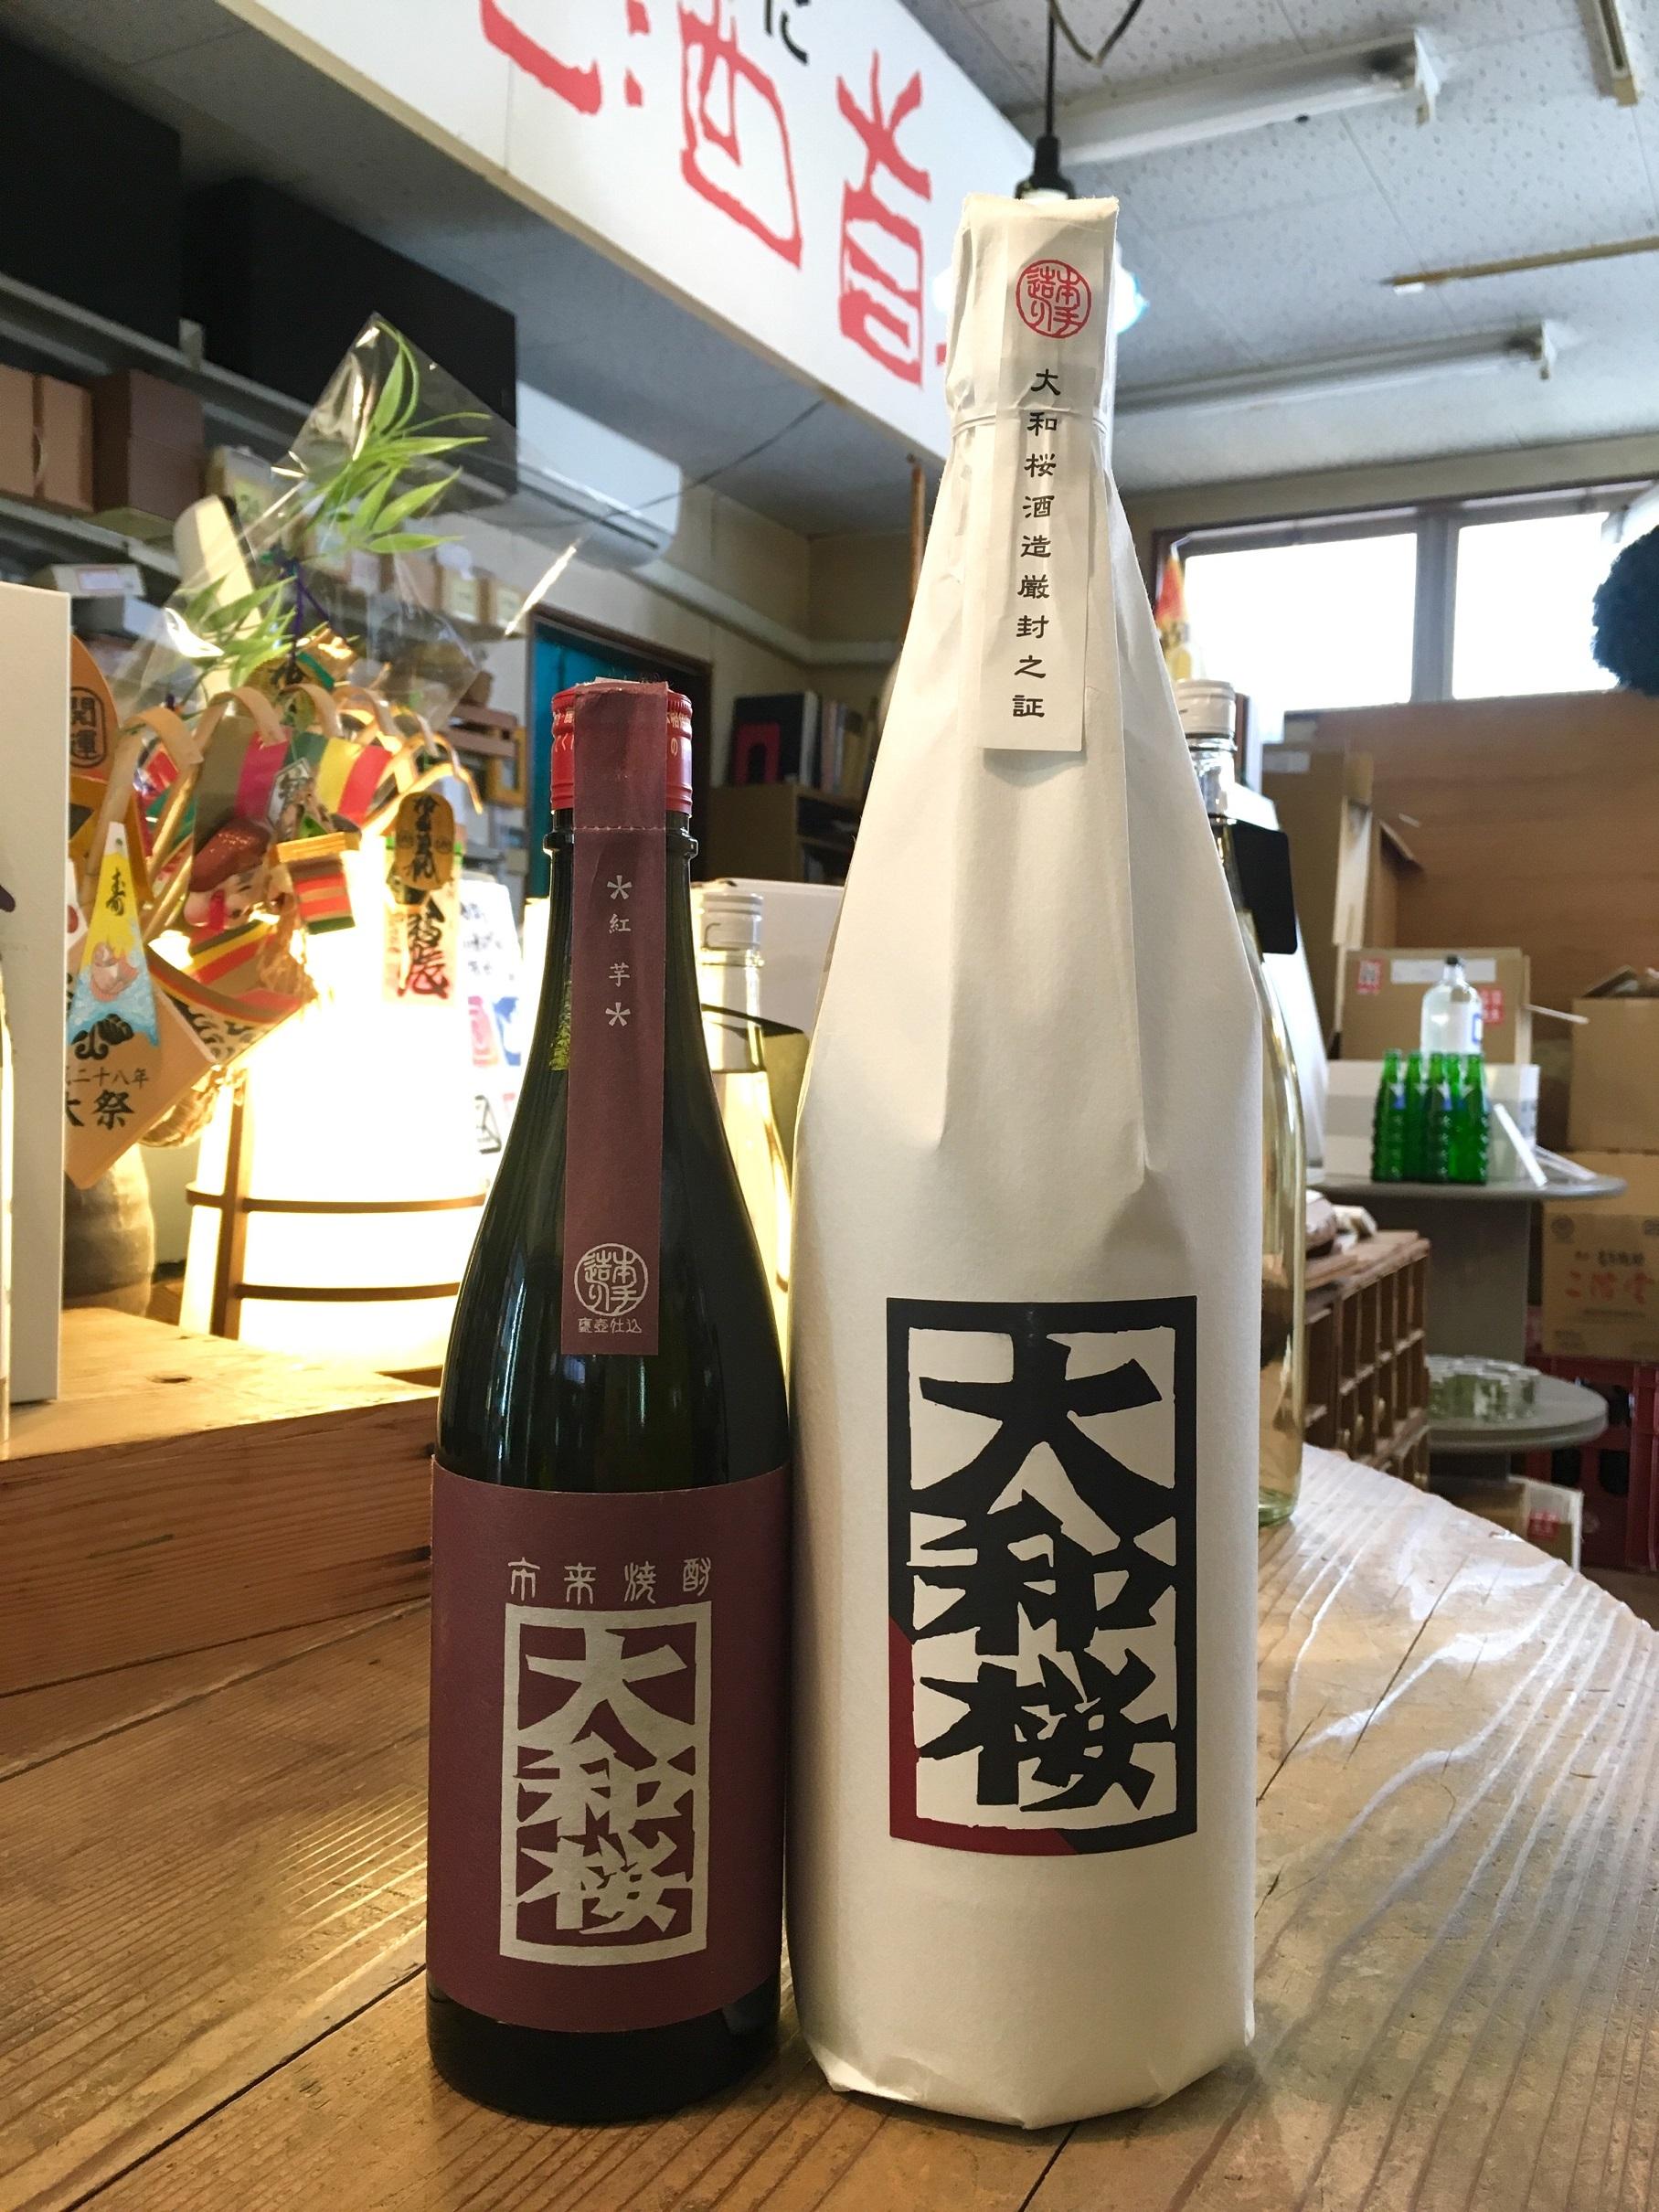 大和桜紅芋 - コピー